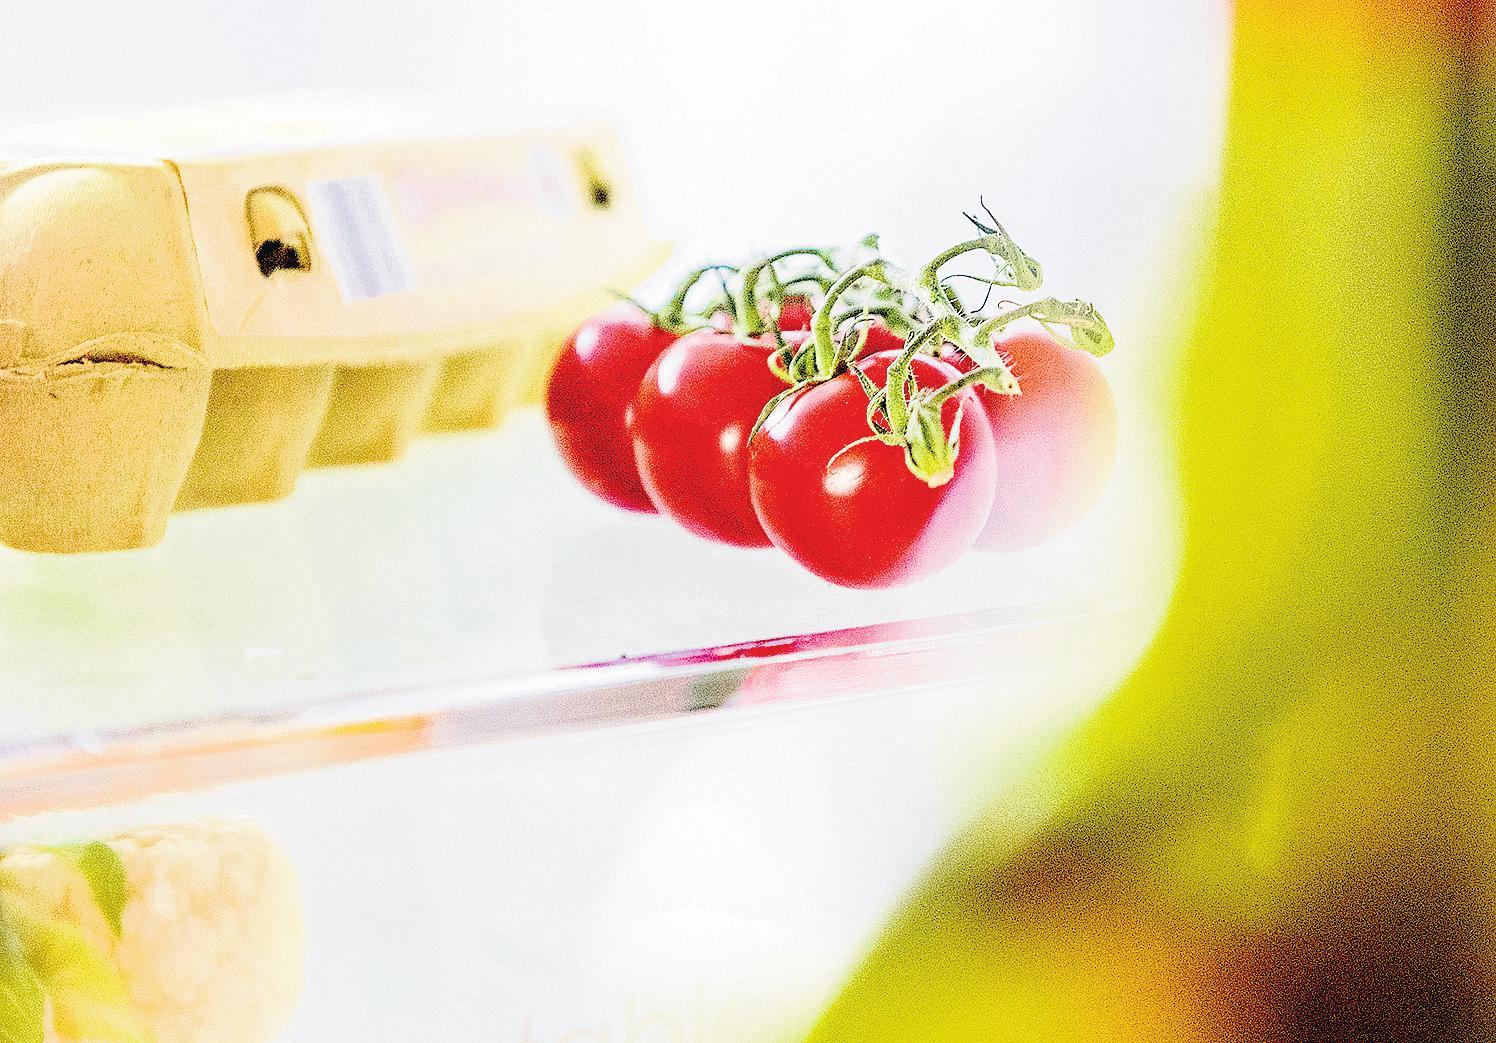 Tomaten sollten nicht im Kühlschrank aufbewahrt werden, da sie dort ihr Aroma verlieren. FOTOS: DPA